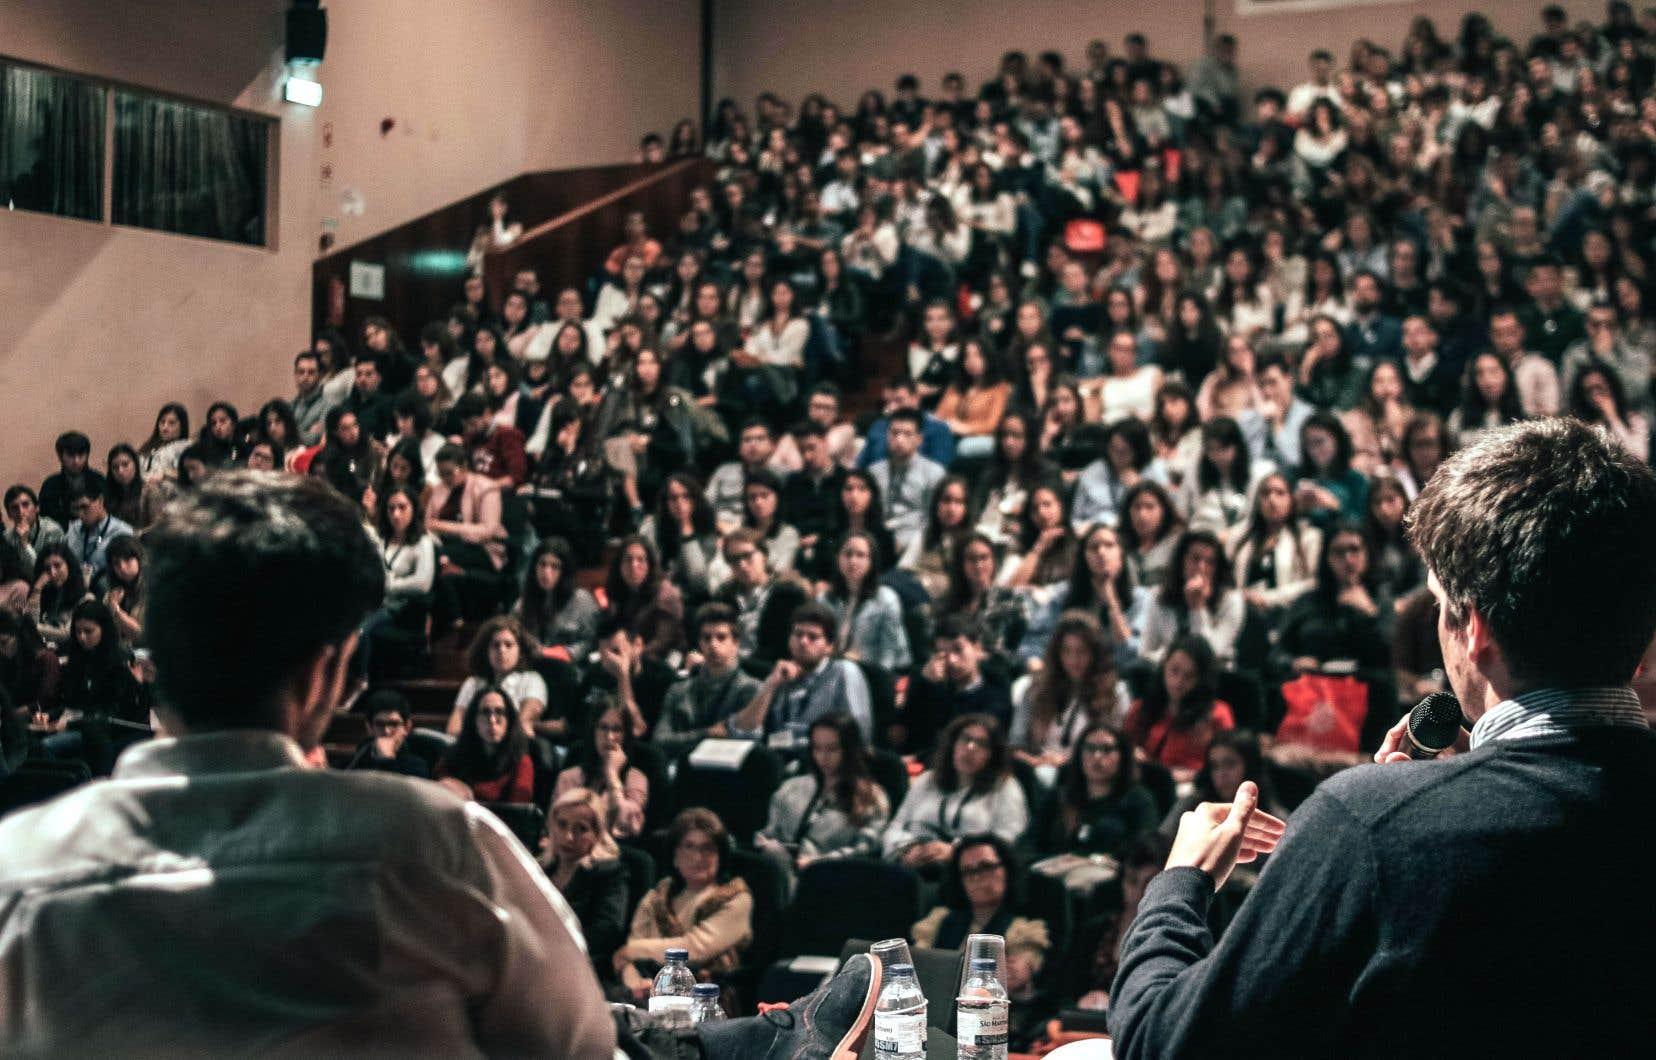 Les écoles d'été permettent aux étudiants, aux professionnels et au grand public de profiter de l'expertise de professeurs reconnus internationalement, d'obtenir un diplôme plus rapidement, de reprendre un cours ou d'explorer de nouveaux horizons.